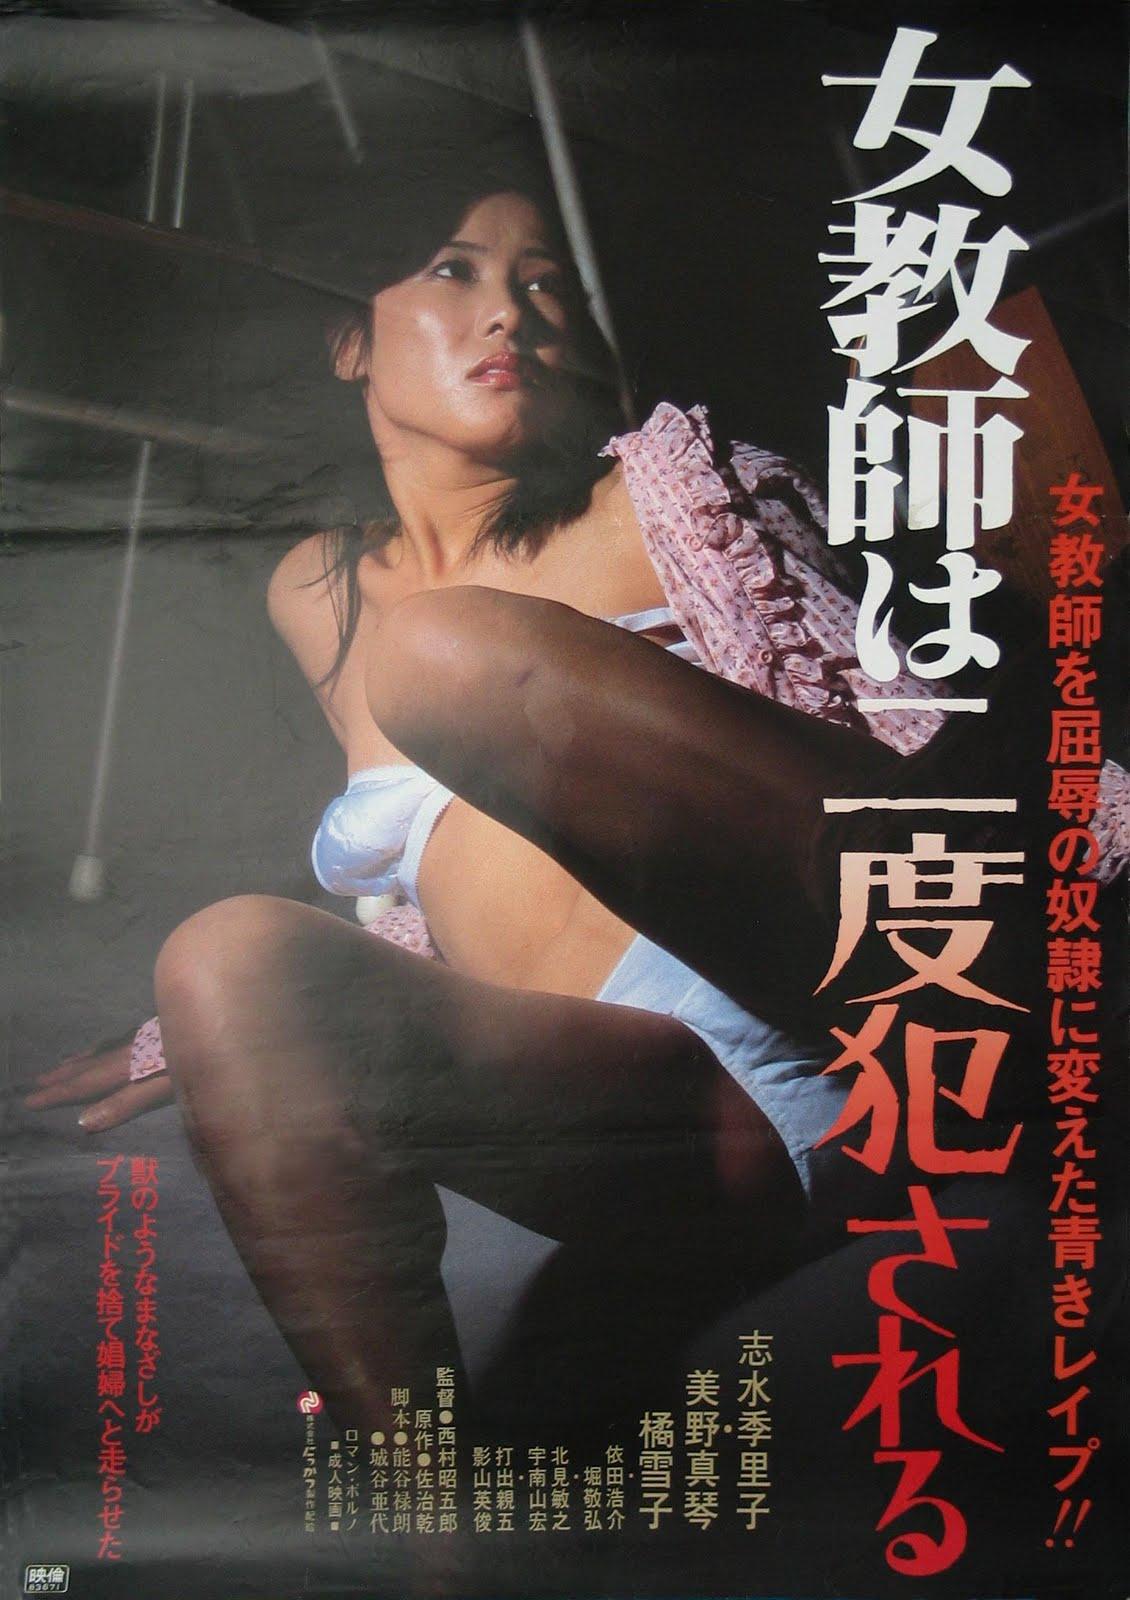 Смотреть премьеры эротических драмм 24 фотография